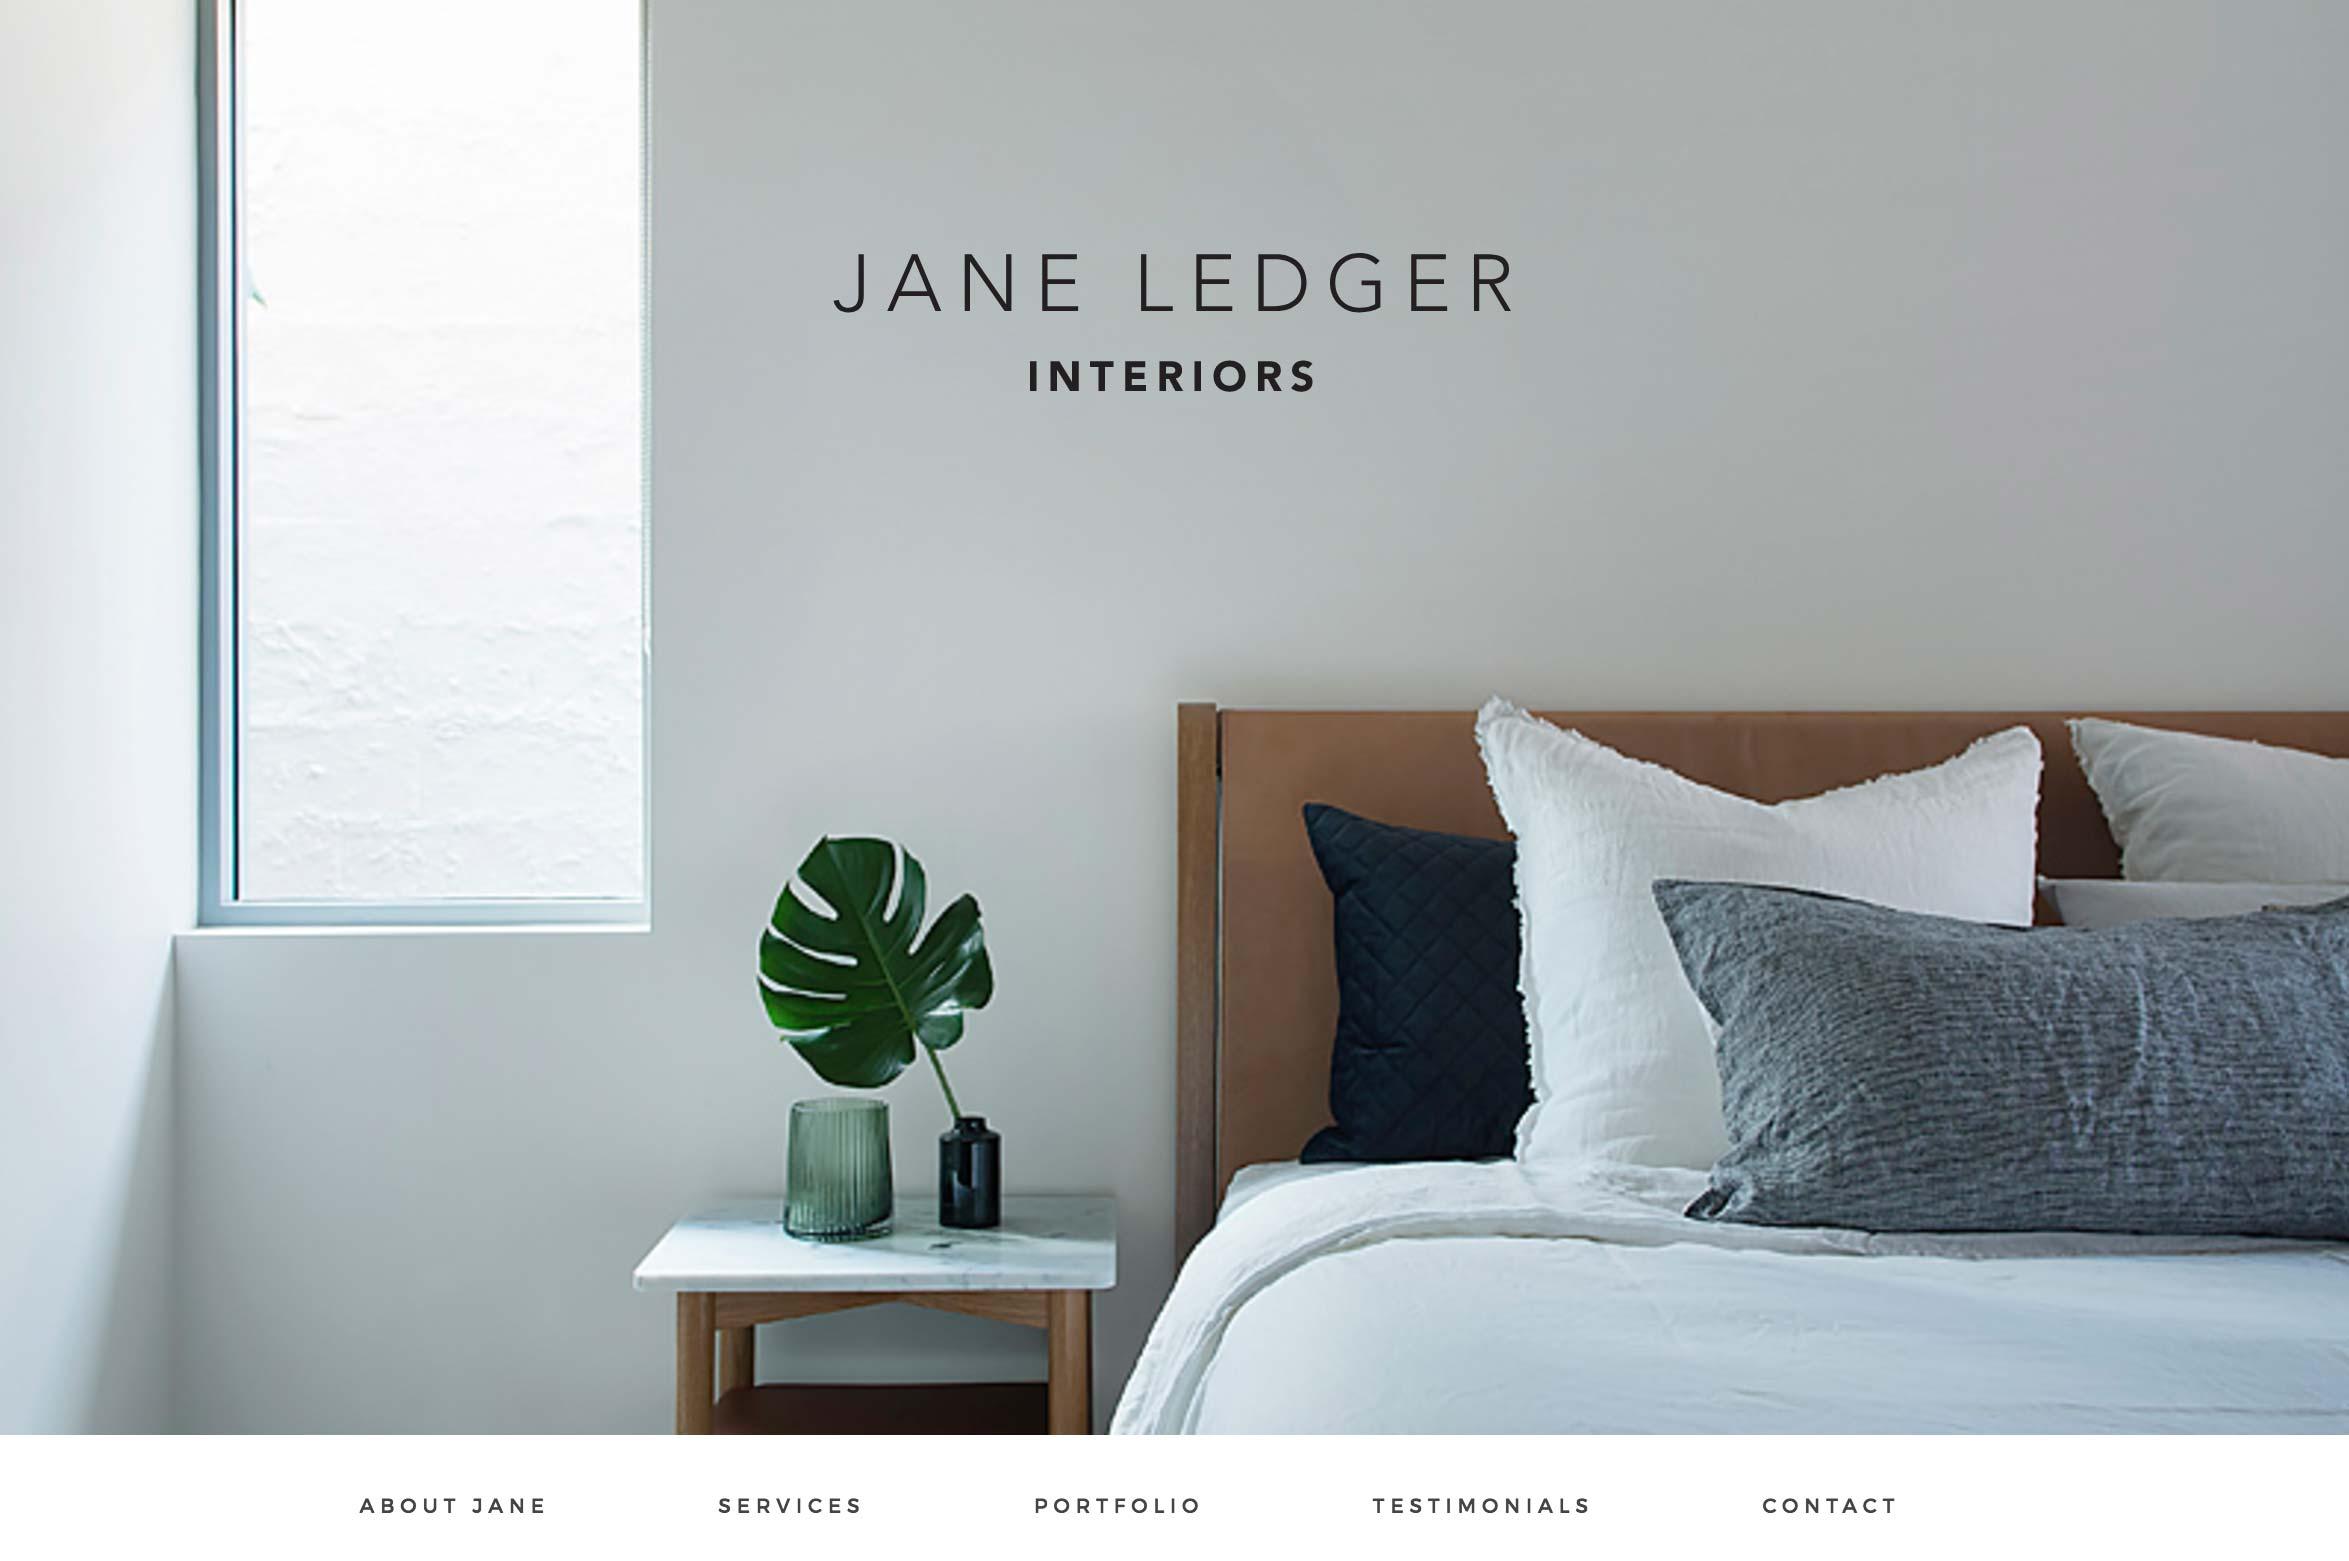 Jane-Ledger-Interiors-–-Interior-design-studio